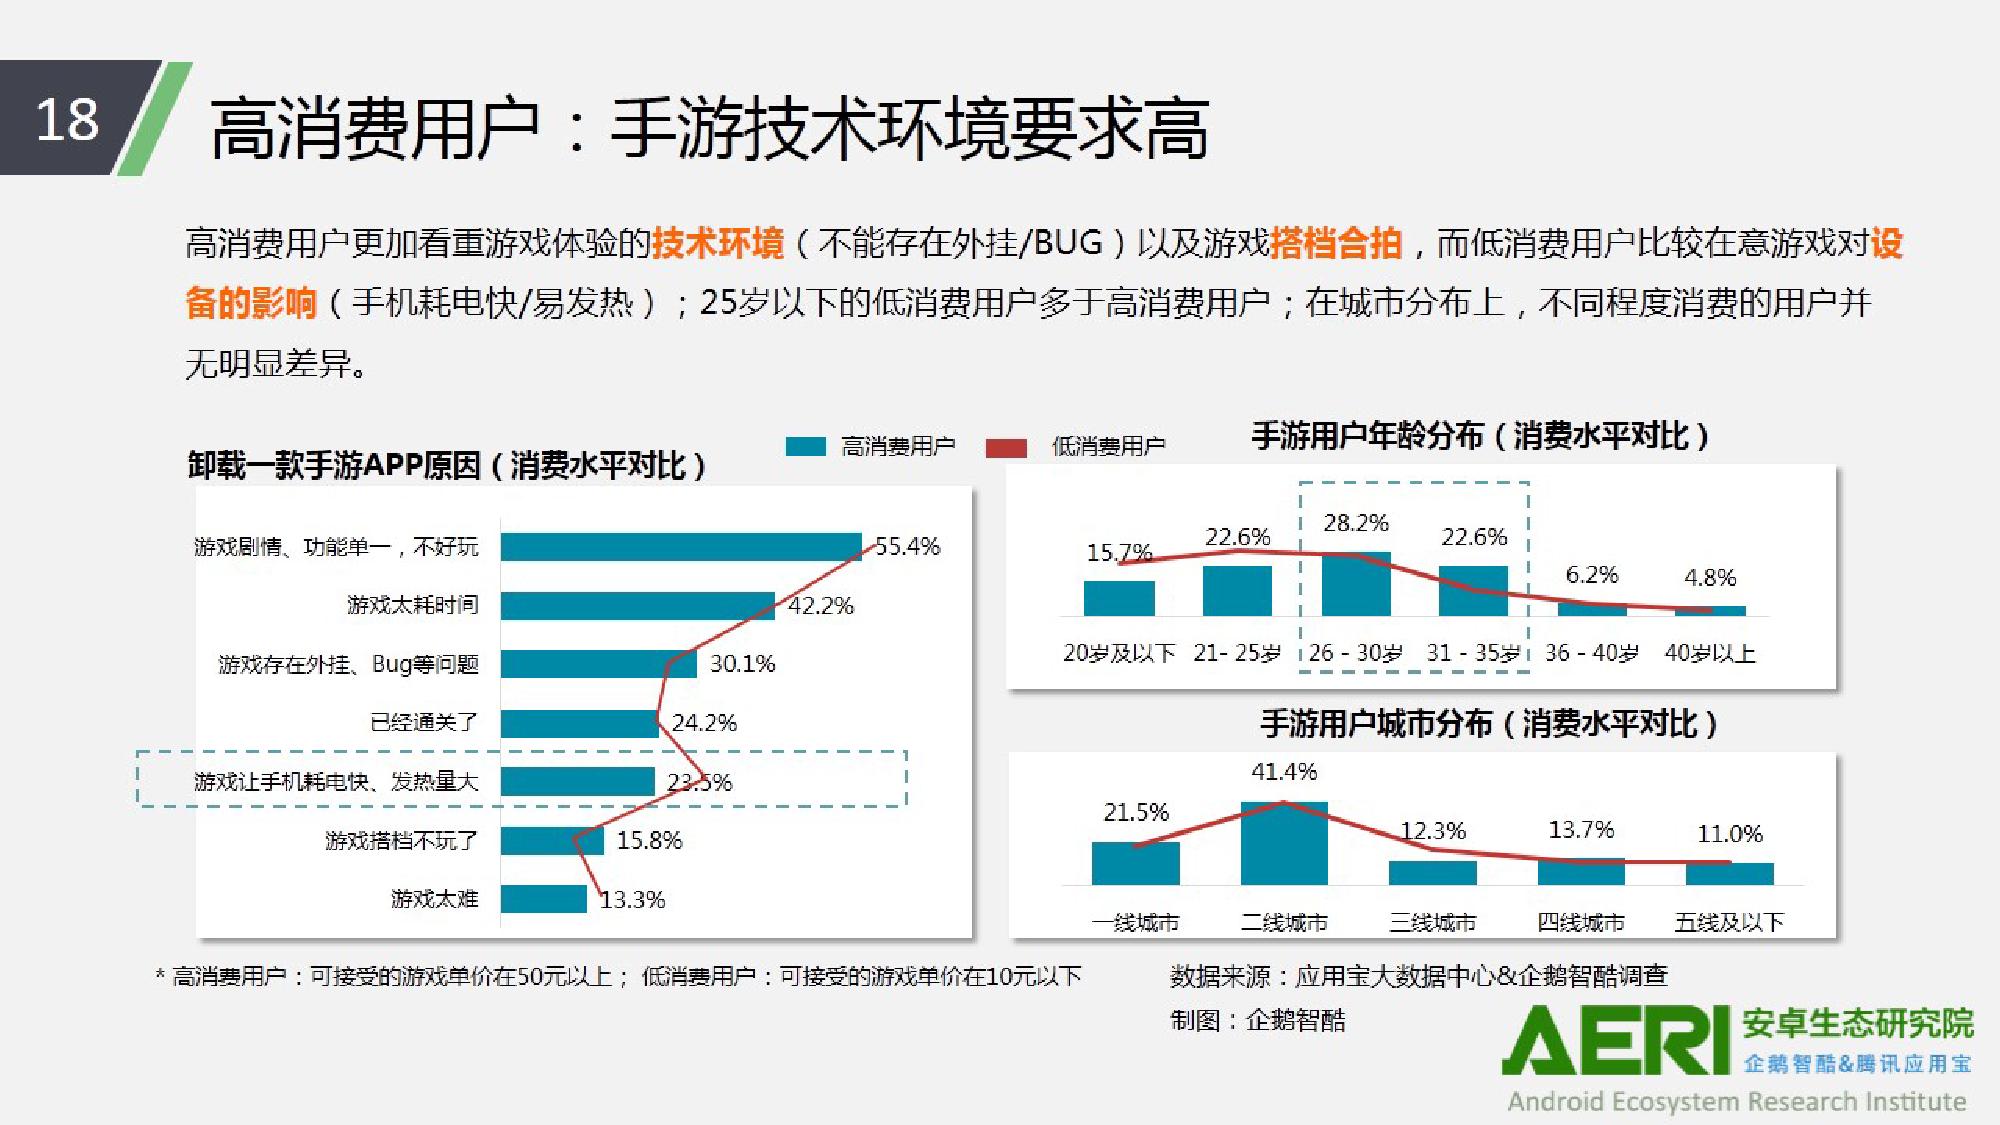 中国手游行业2016大数据报告_000019